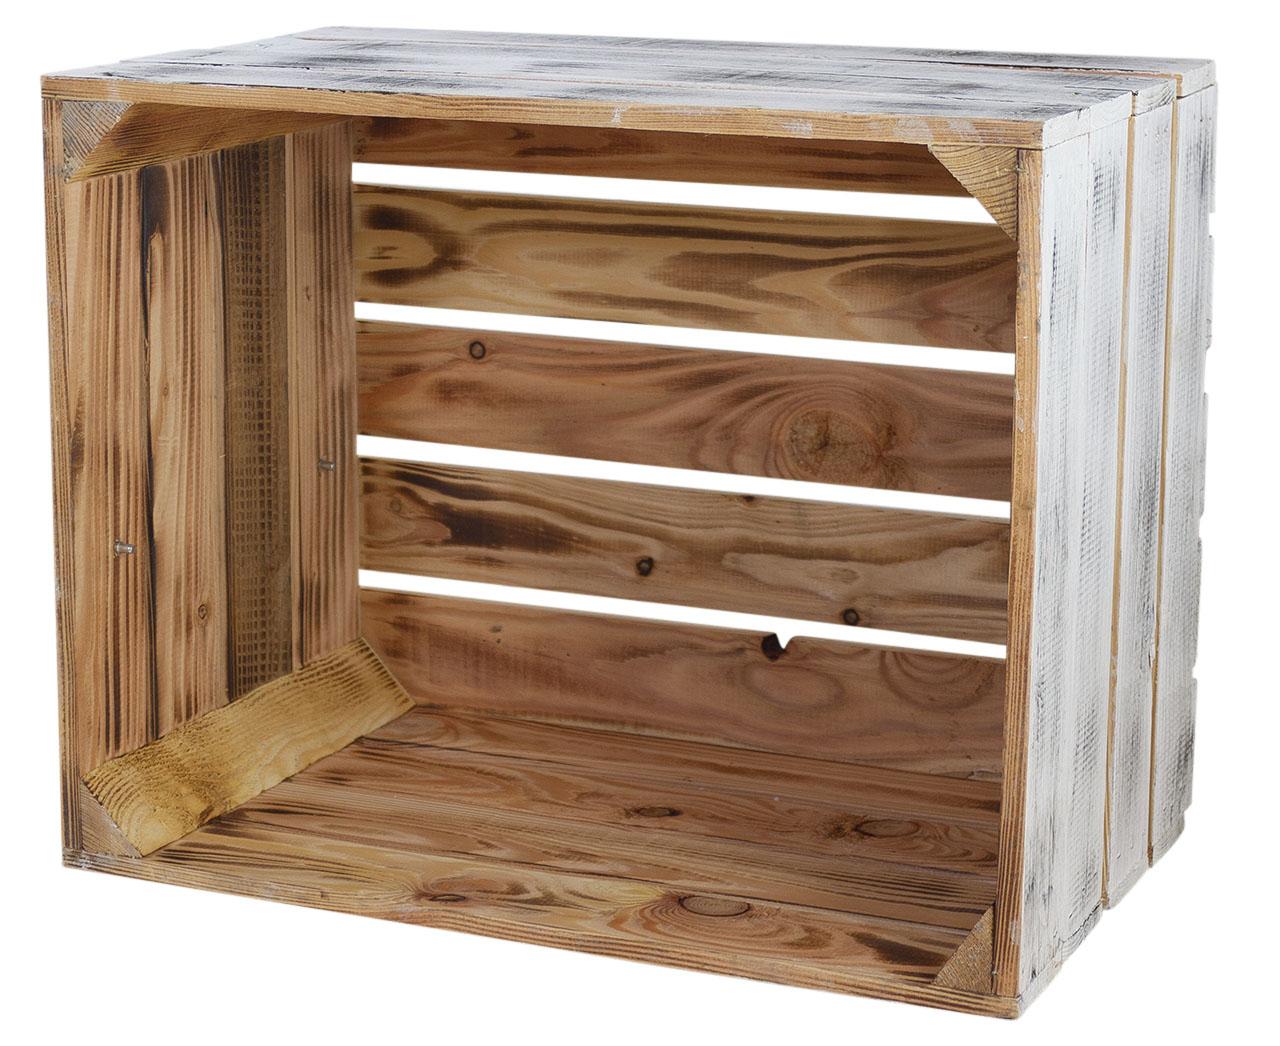 Holzkiste außen vintage innen grau 50x40x30cm